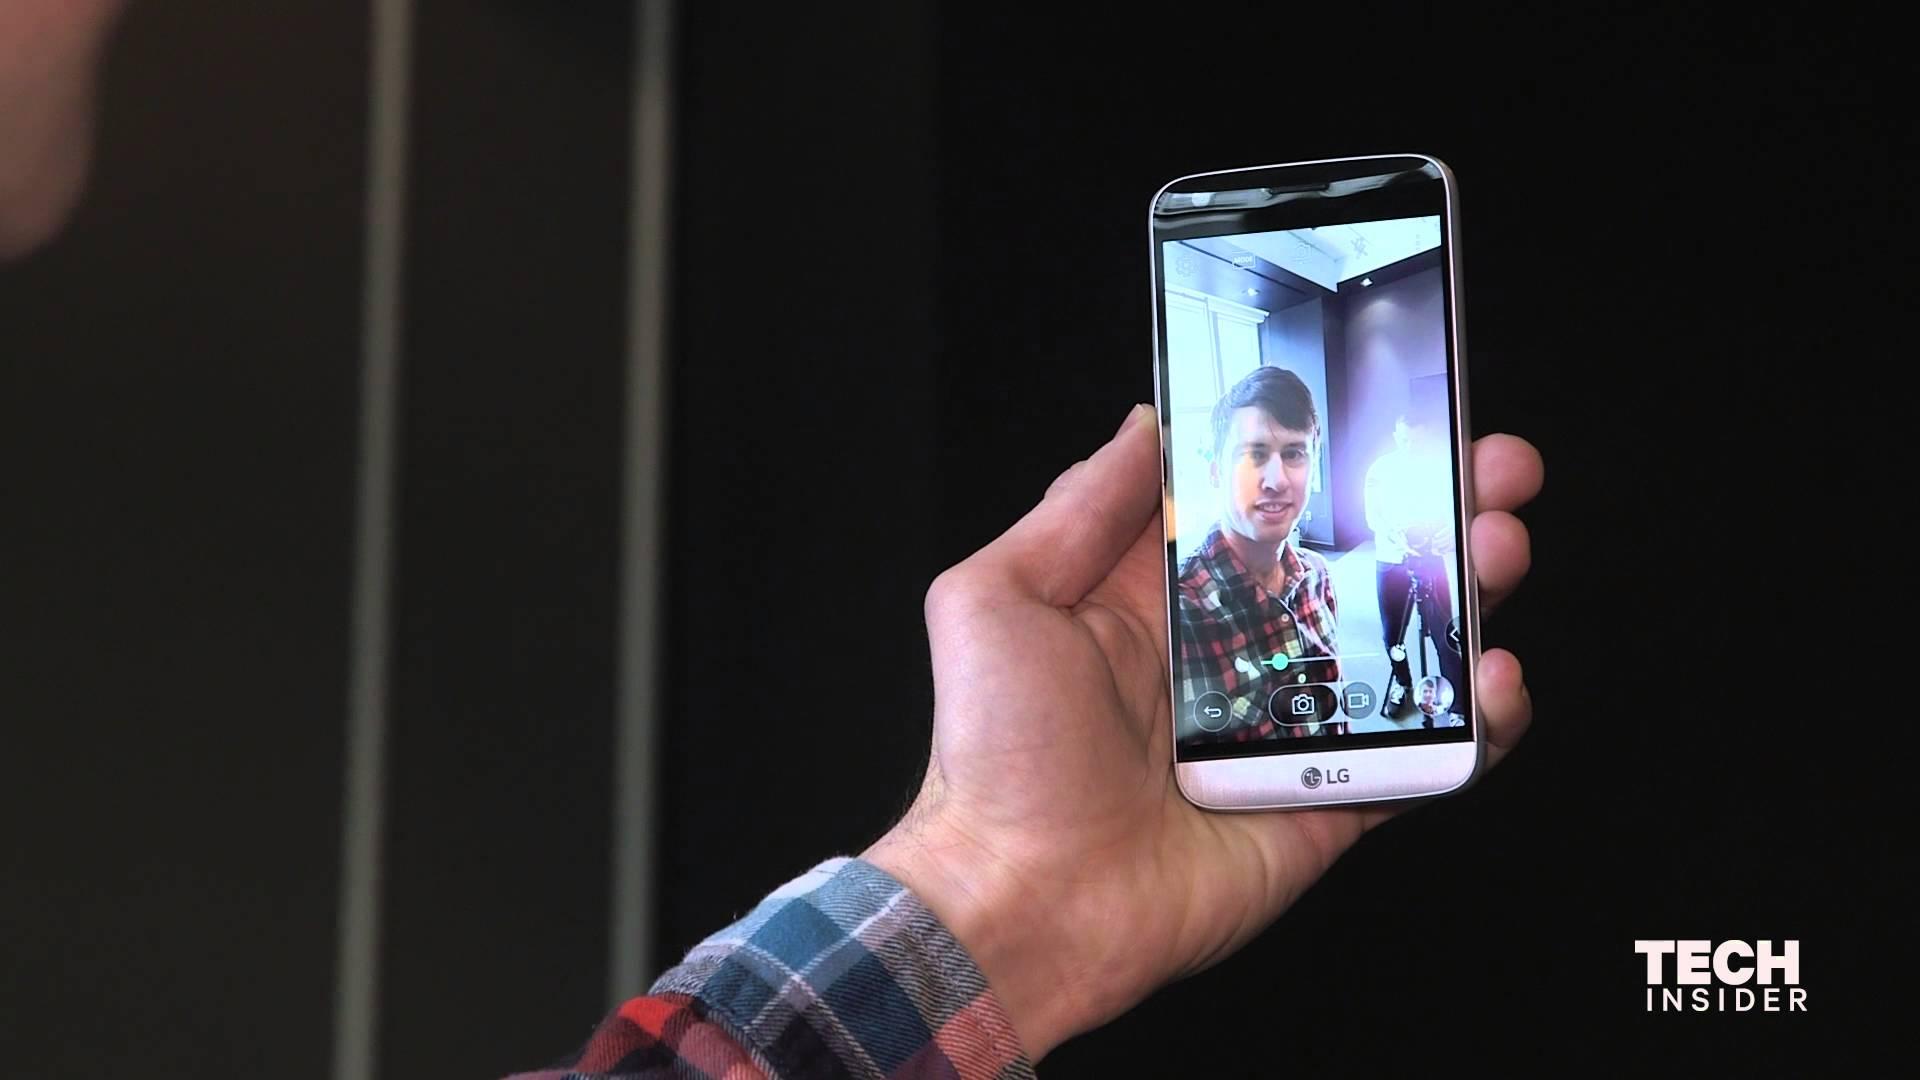 LG Phone's New Unique Design